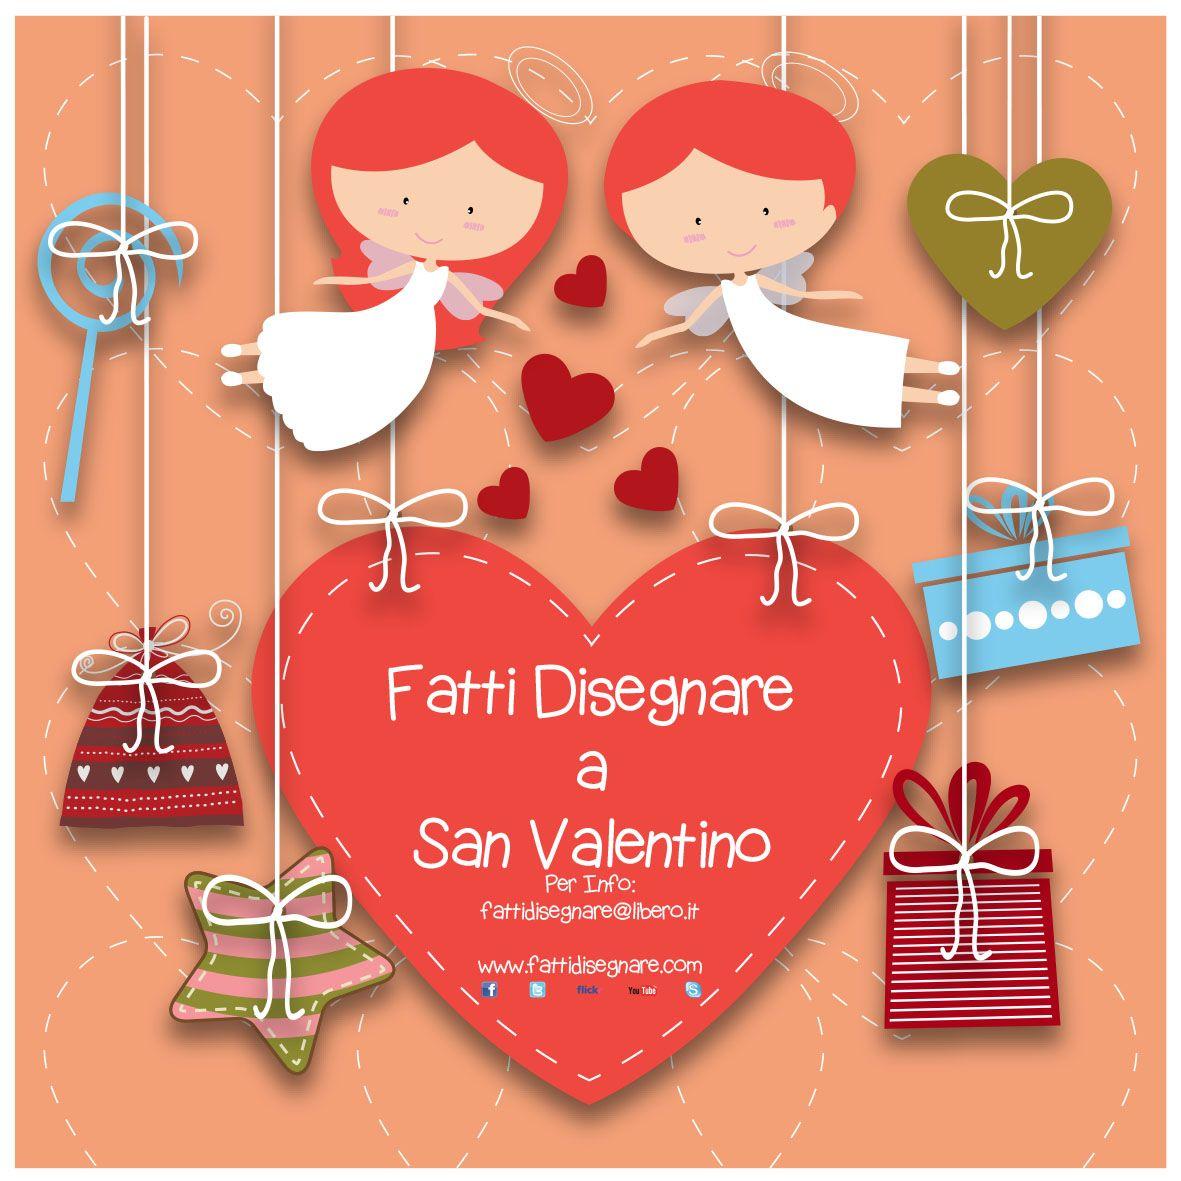 Fatti Disegnare a San valentino  per info: fattidisegnare@libero.it oppure MSG PVT